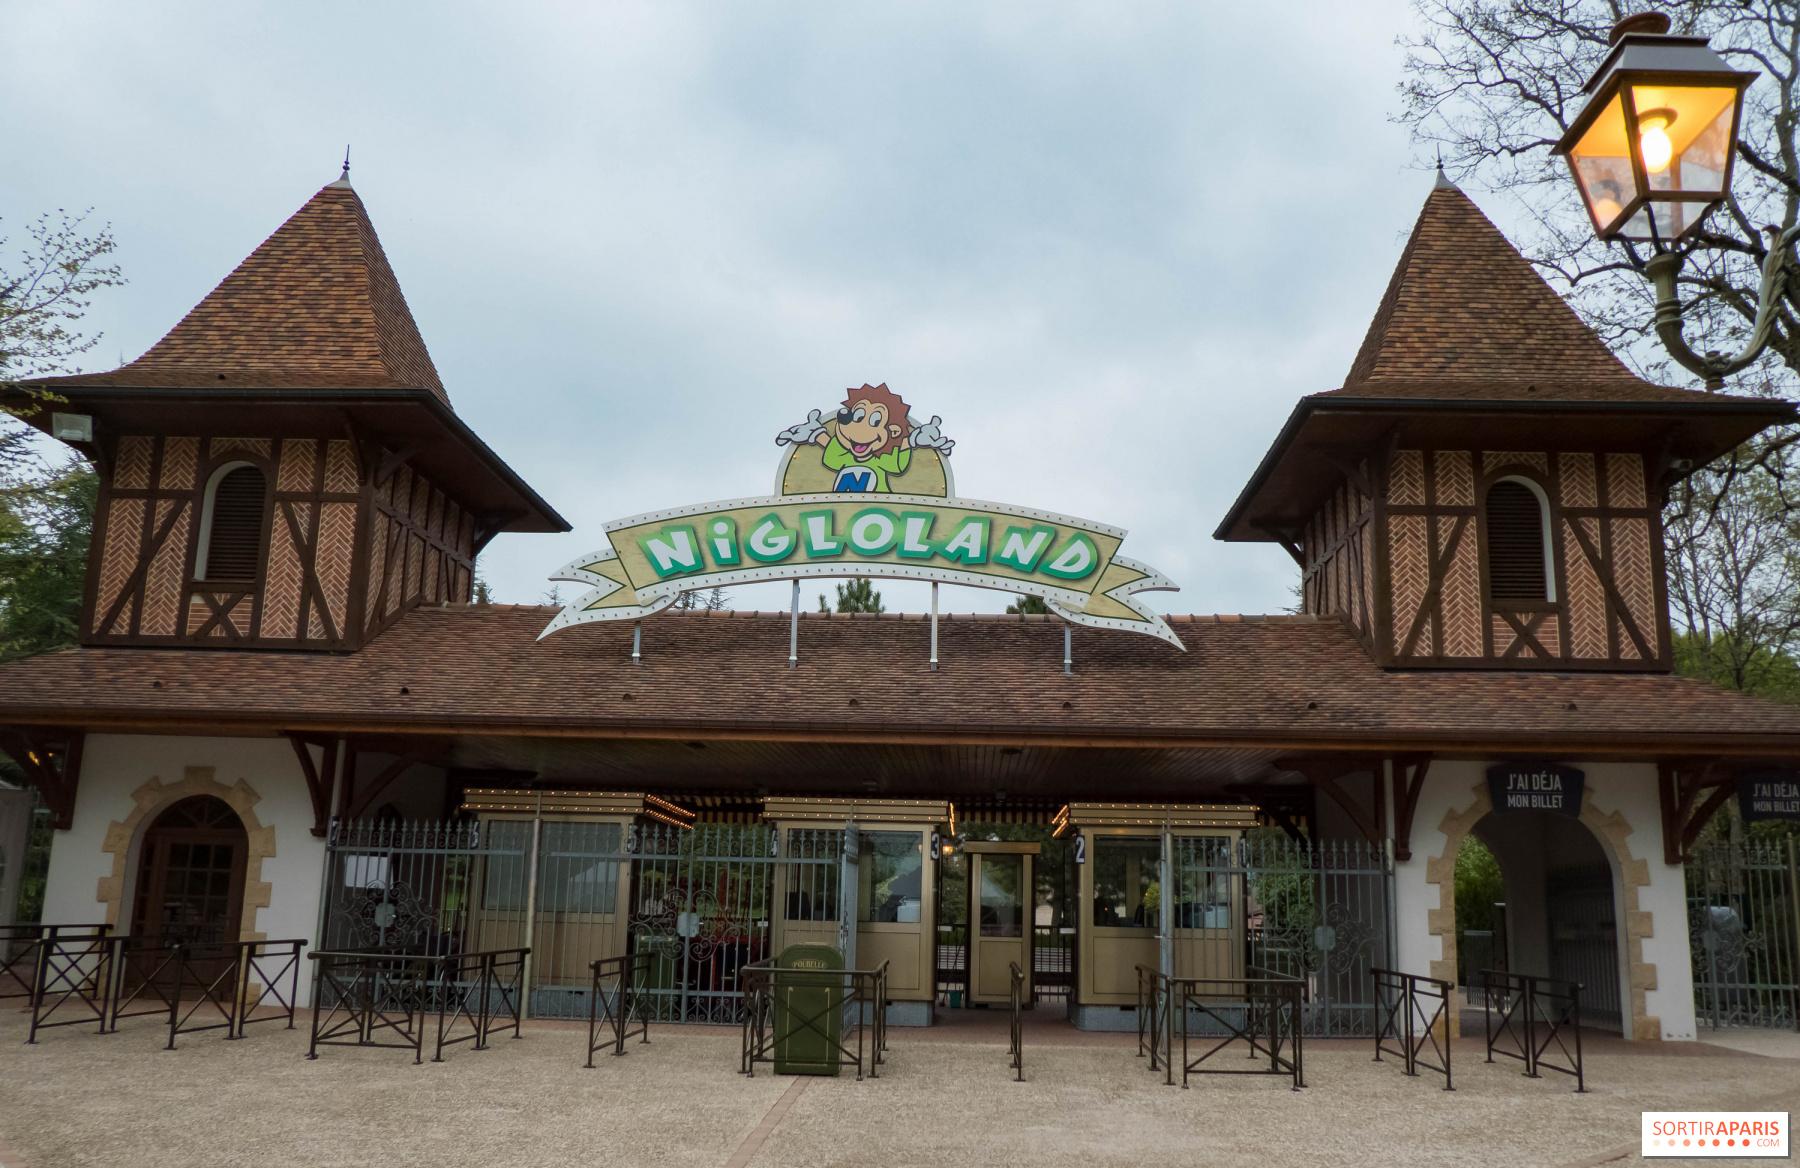 Les Plus Belles Caravanes De Forains nigloland, le parc d'attraction et ses nouveautés 2019